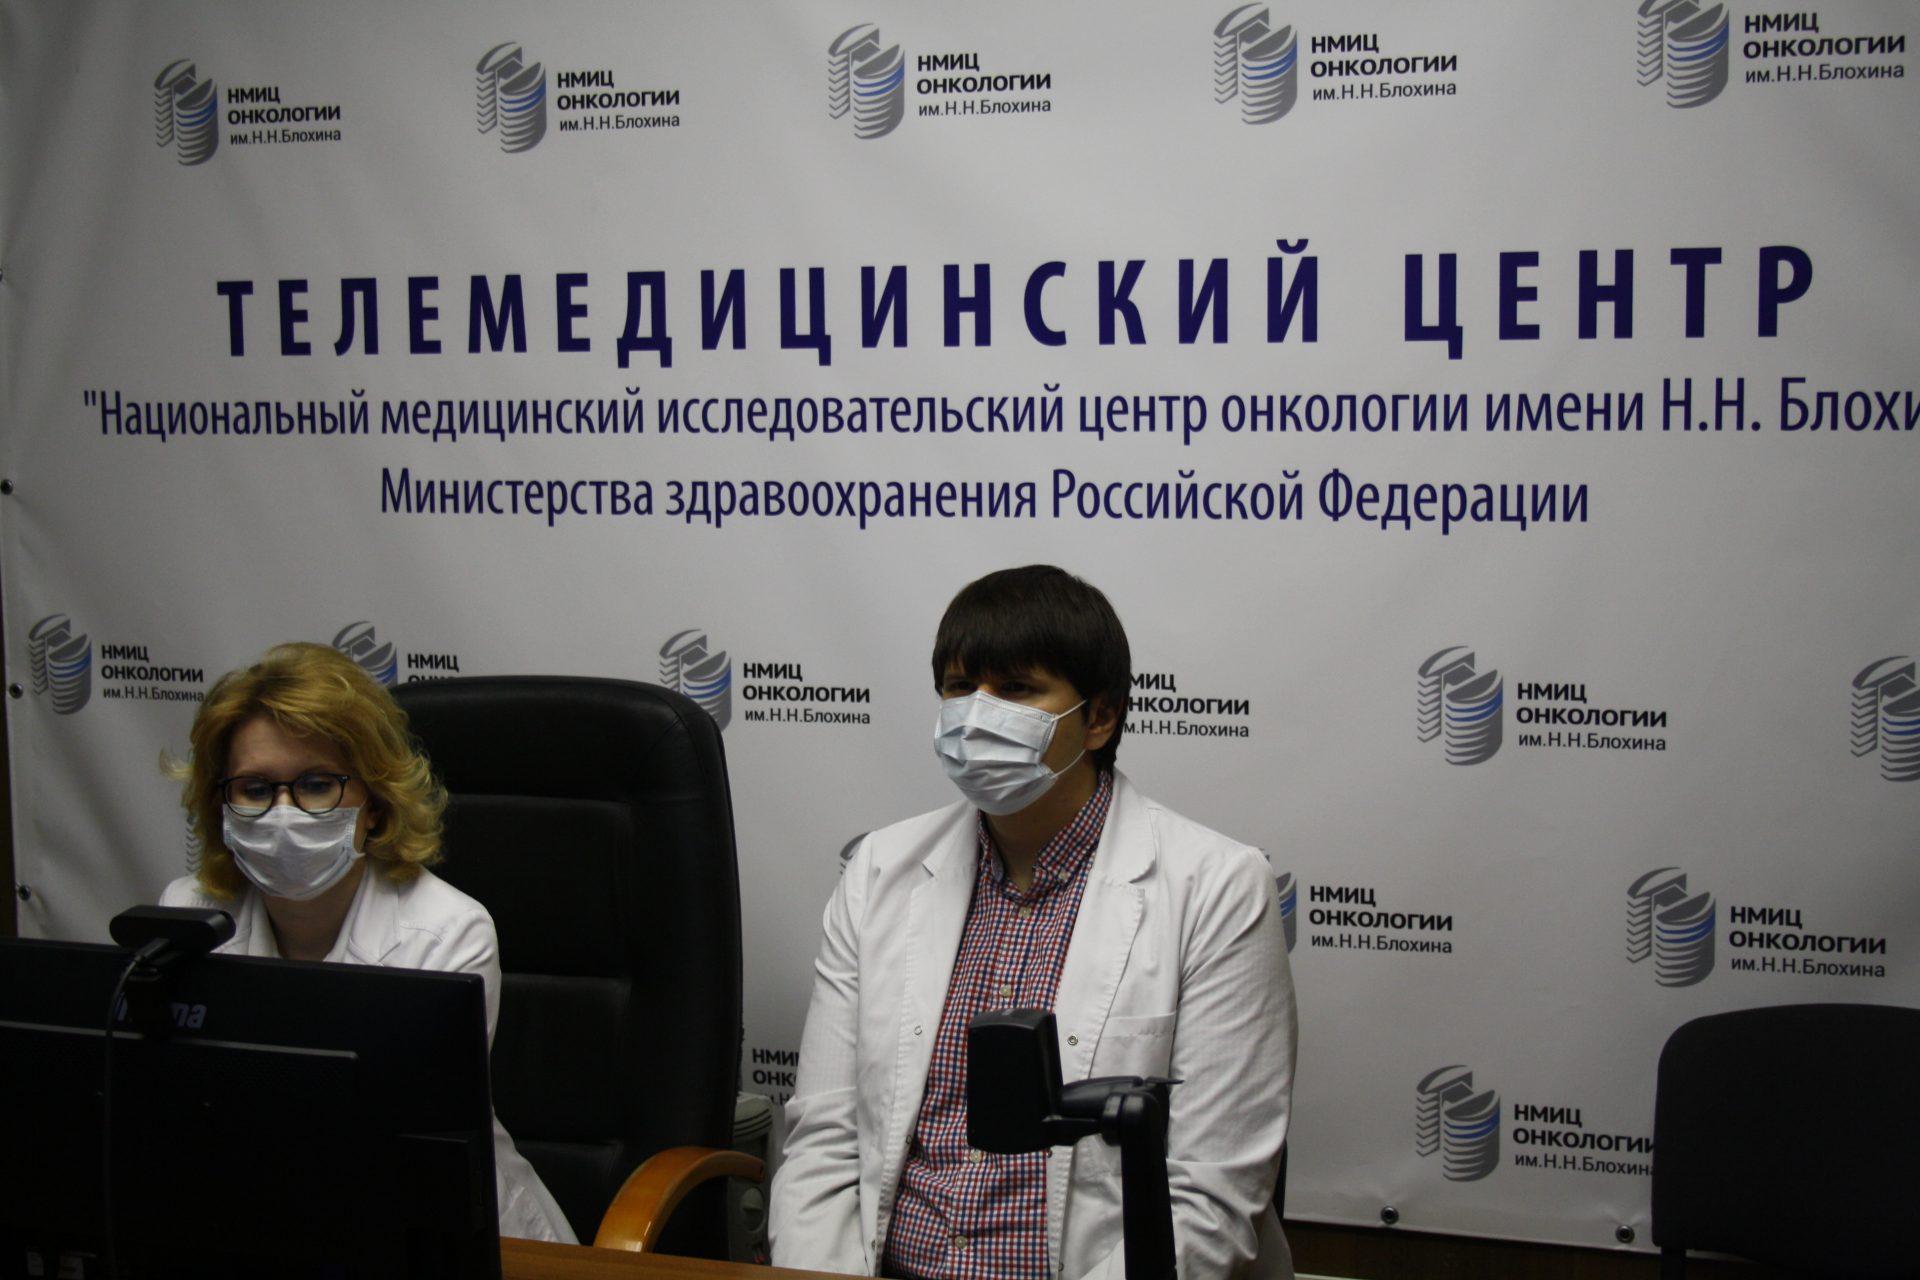 Вебинар «Новые возможности терапии распространённого рака яичников»